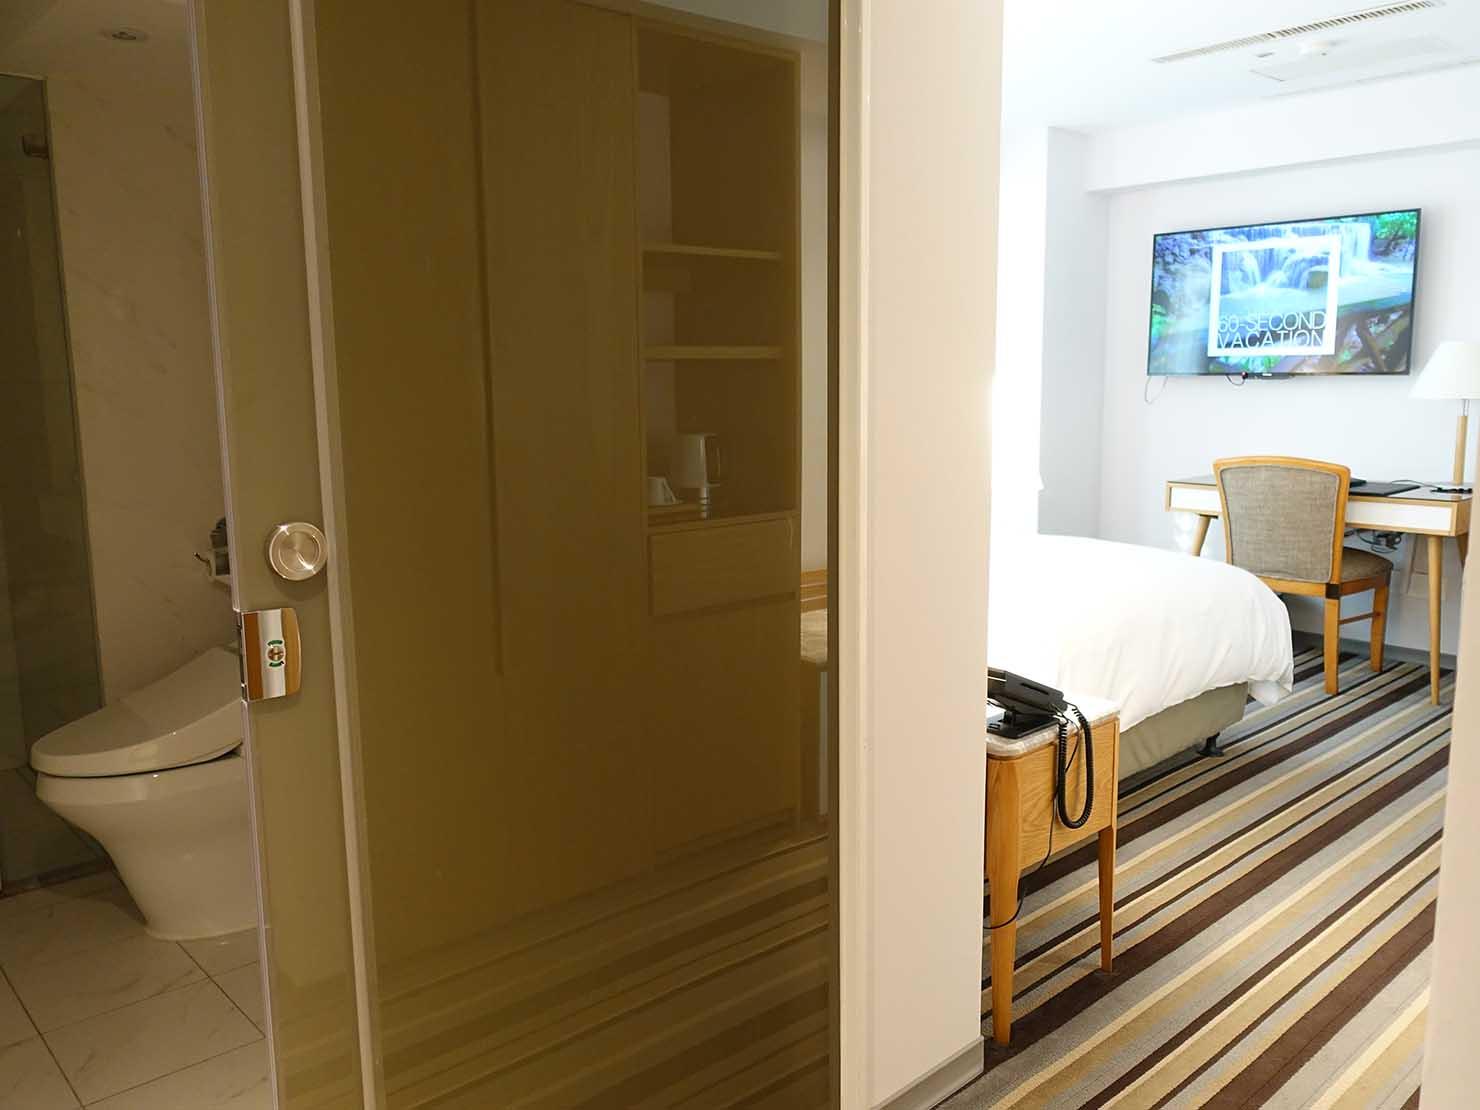 台中のおすすめホテル「卡爾登飯店 The Carlton」デラックスダブルルームの玄関